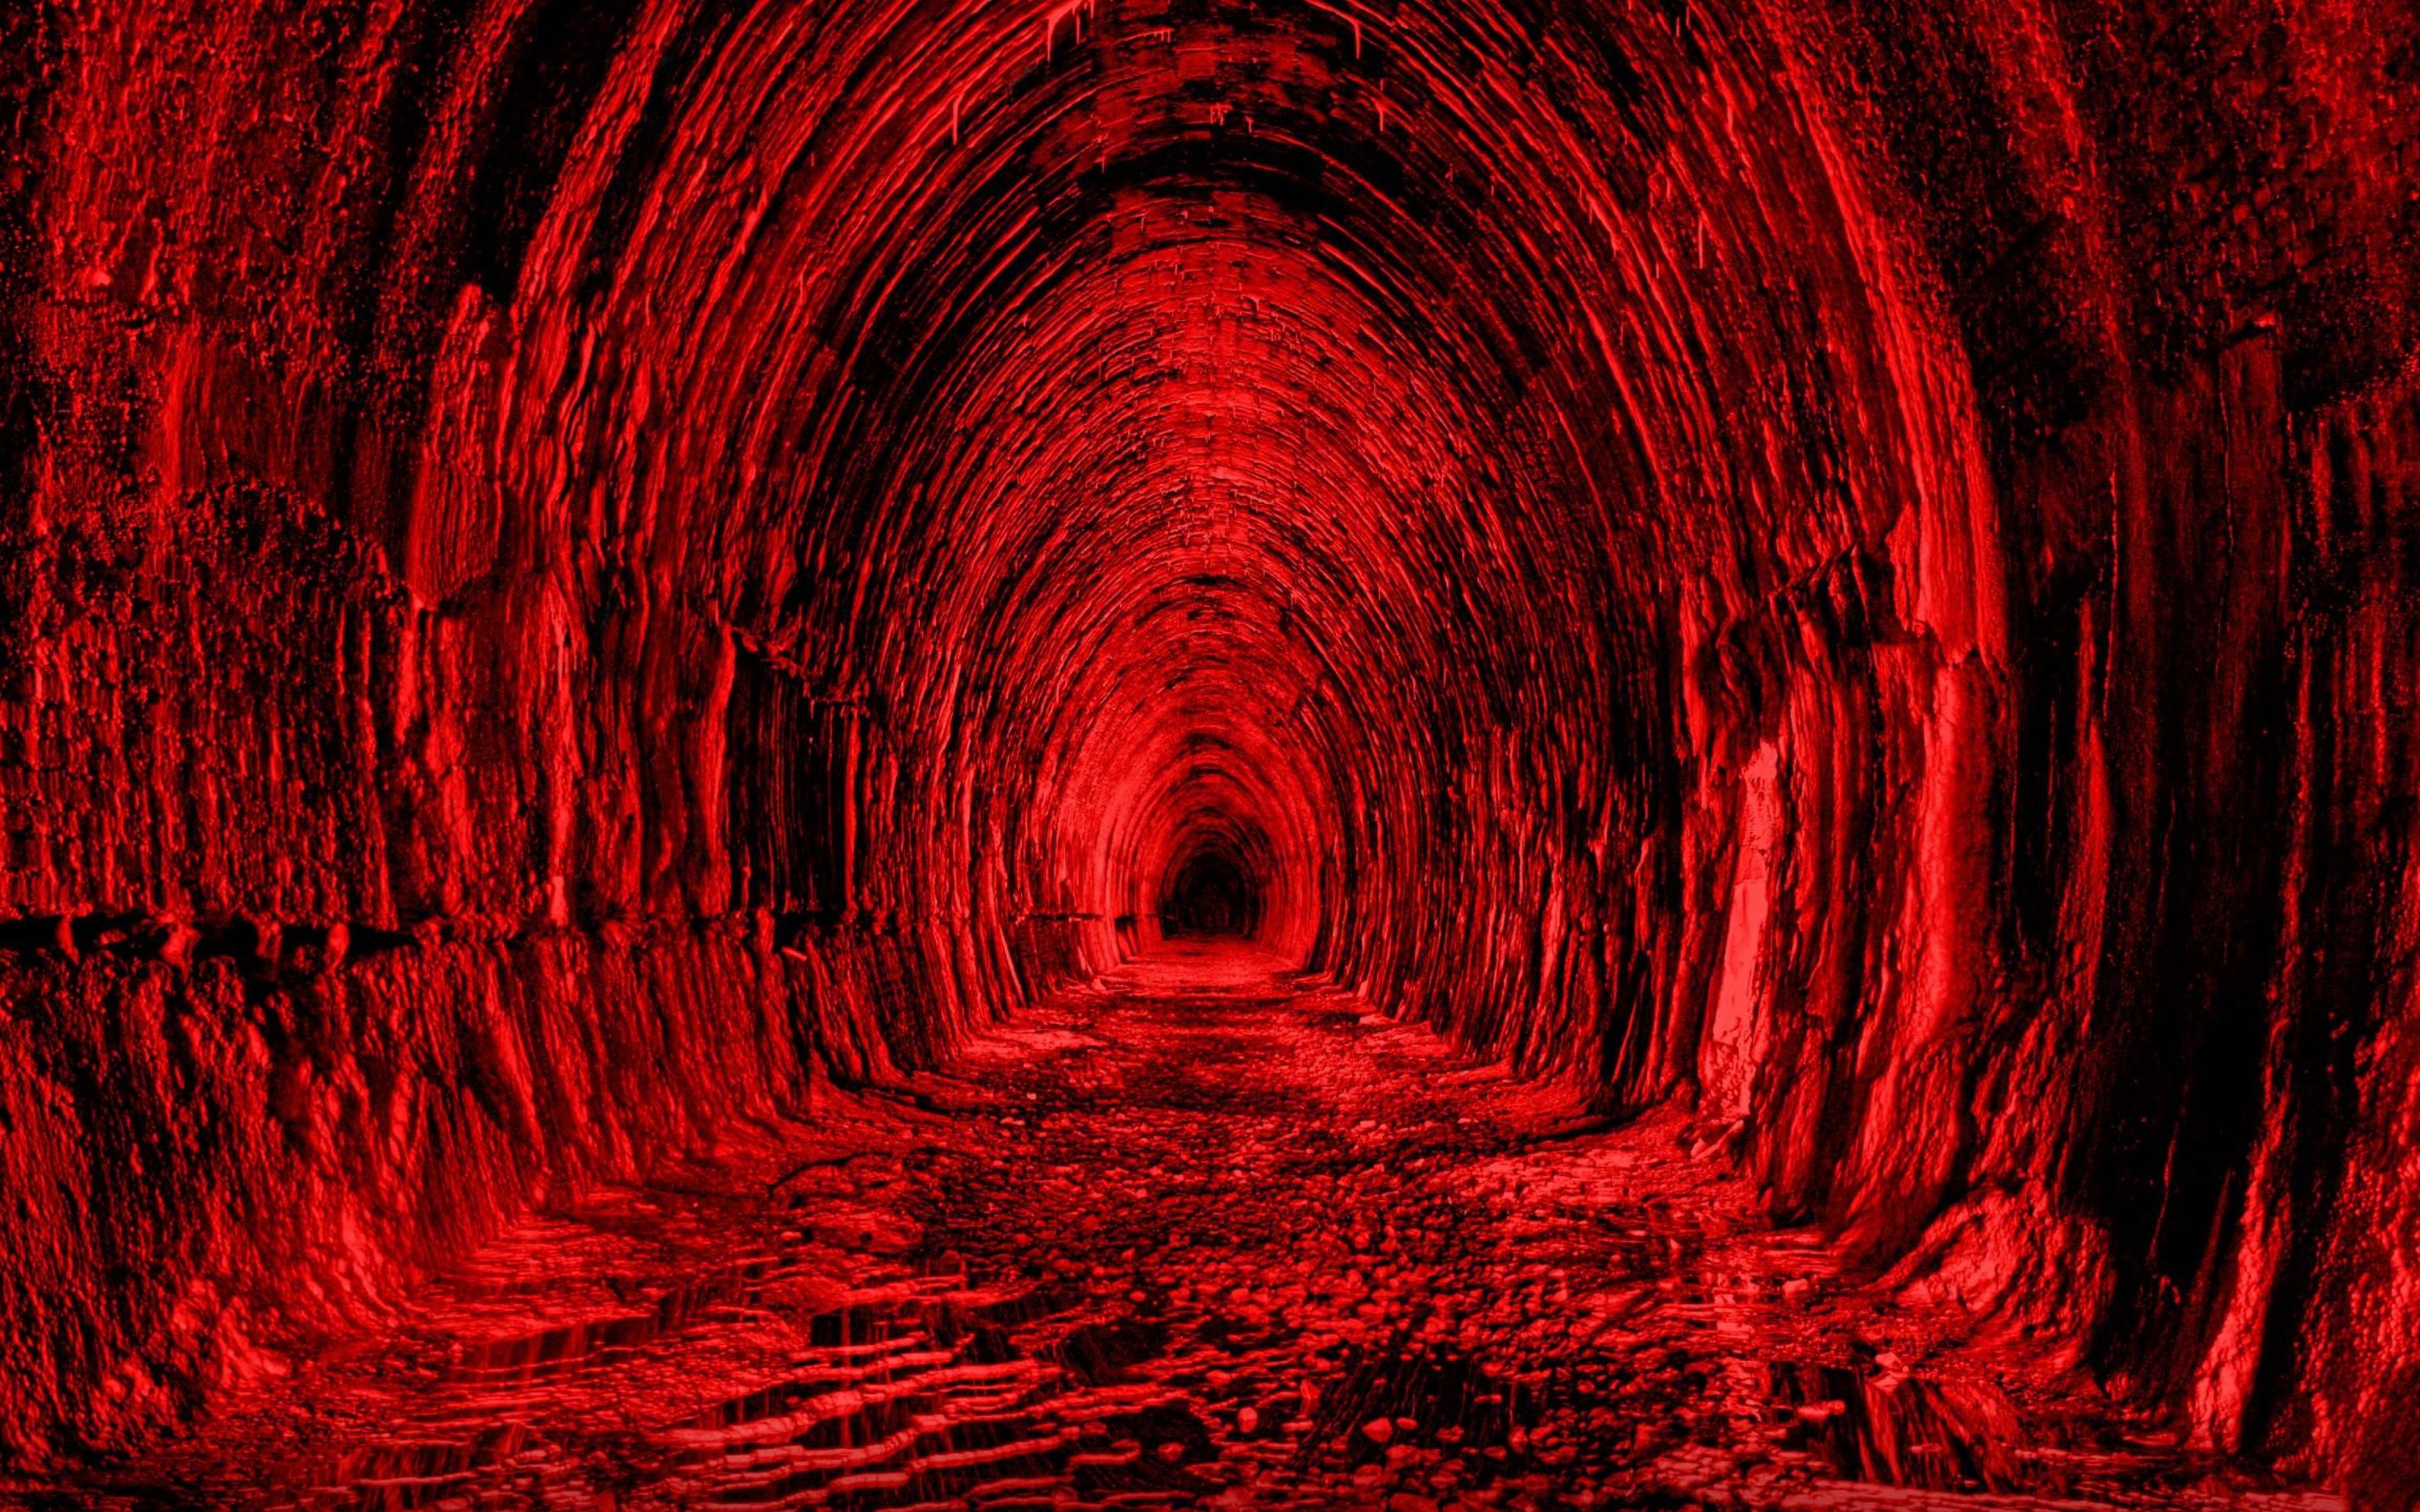 49 Red And Black 4k Wallpaper On Wallpapersafari